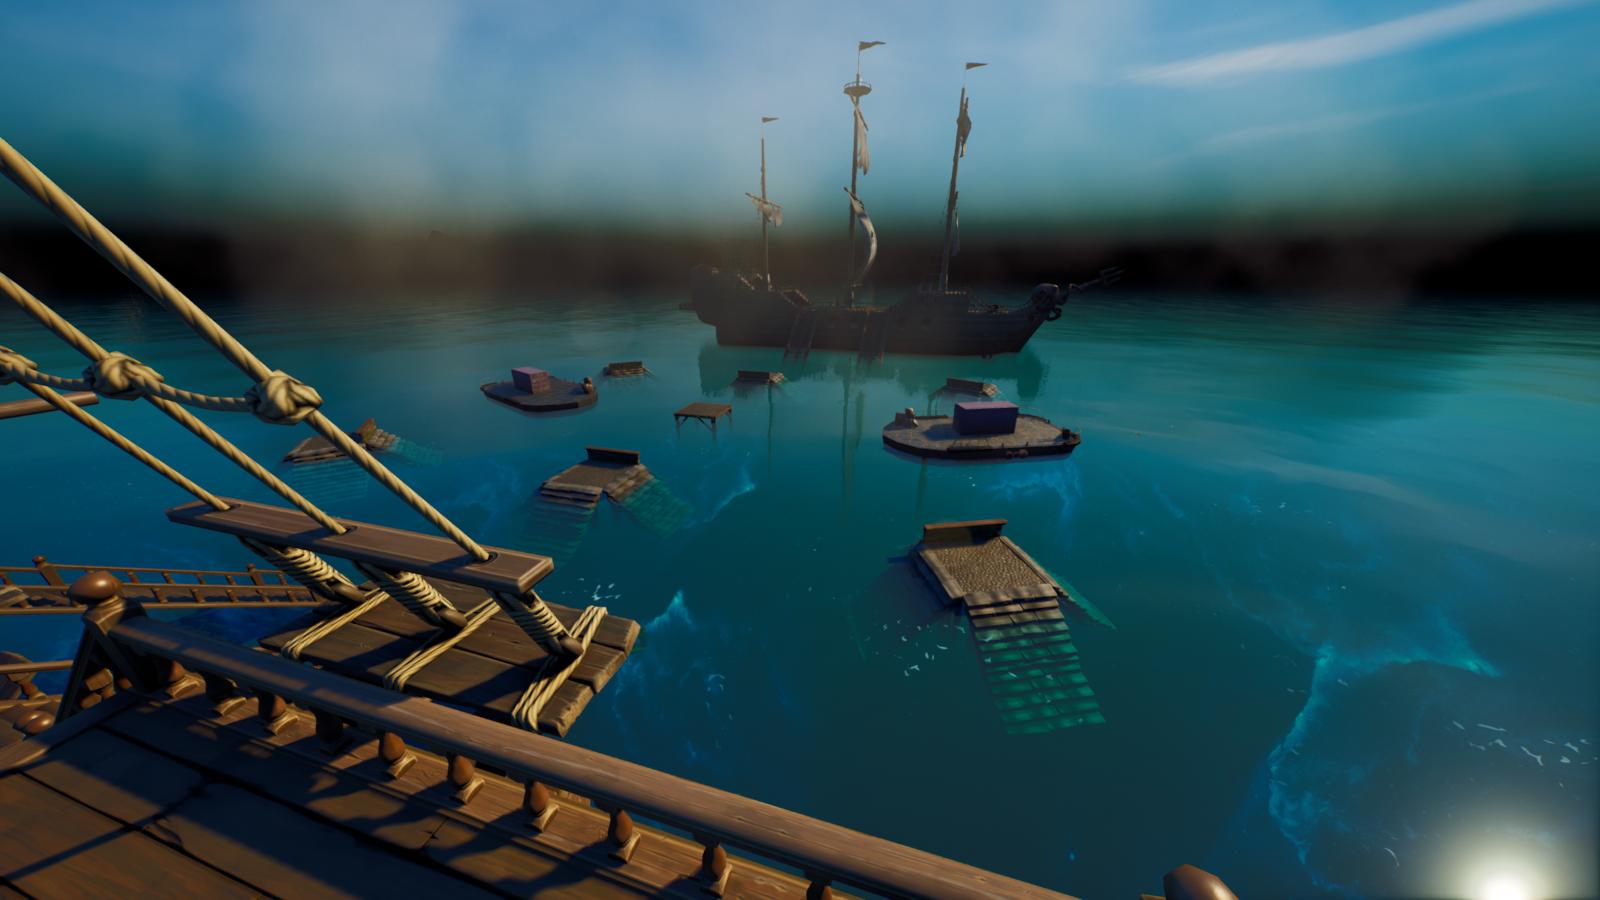 القراصنة المعرقين 💯 Pirates of Fortilla 2623-4496-8643 by BHE